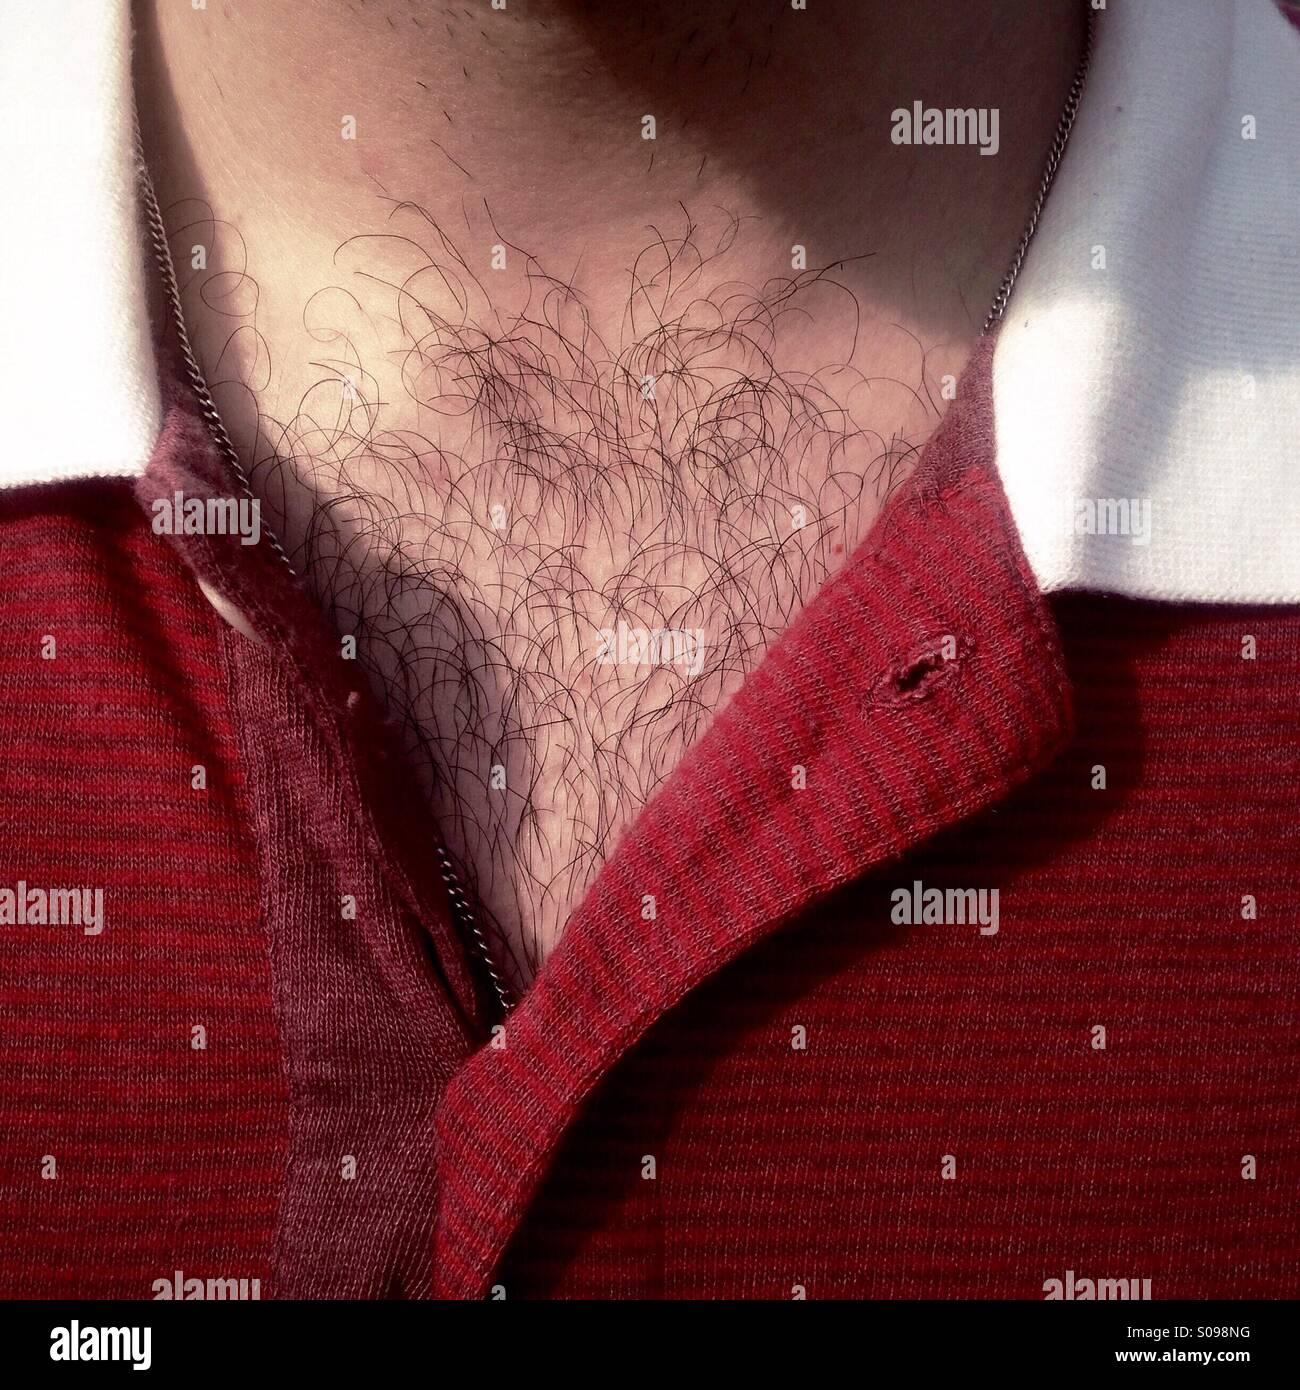 Dettaglio di un torace peloso e maglietta rossa Immagini Stock